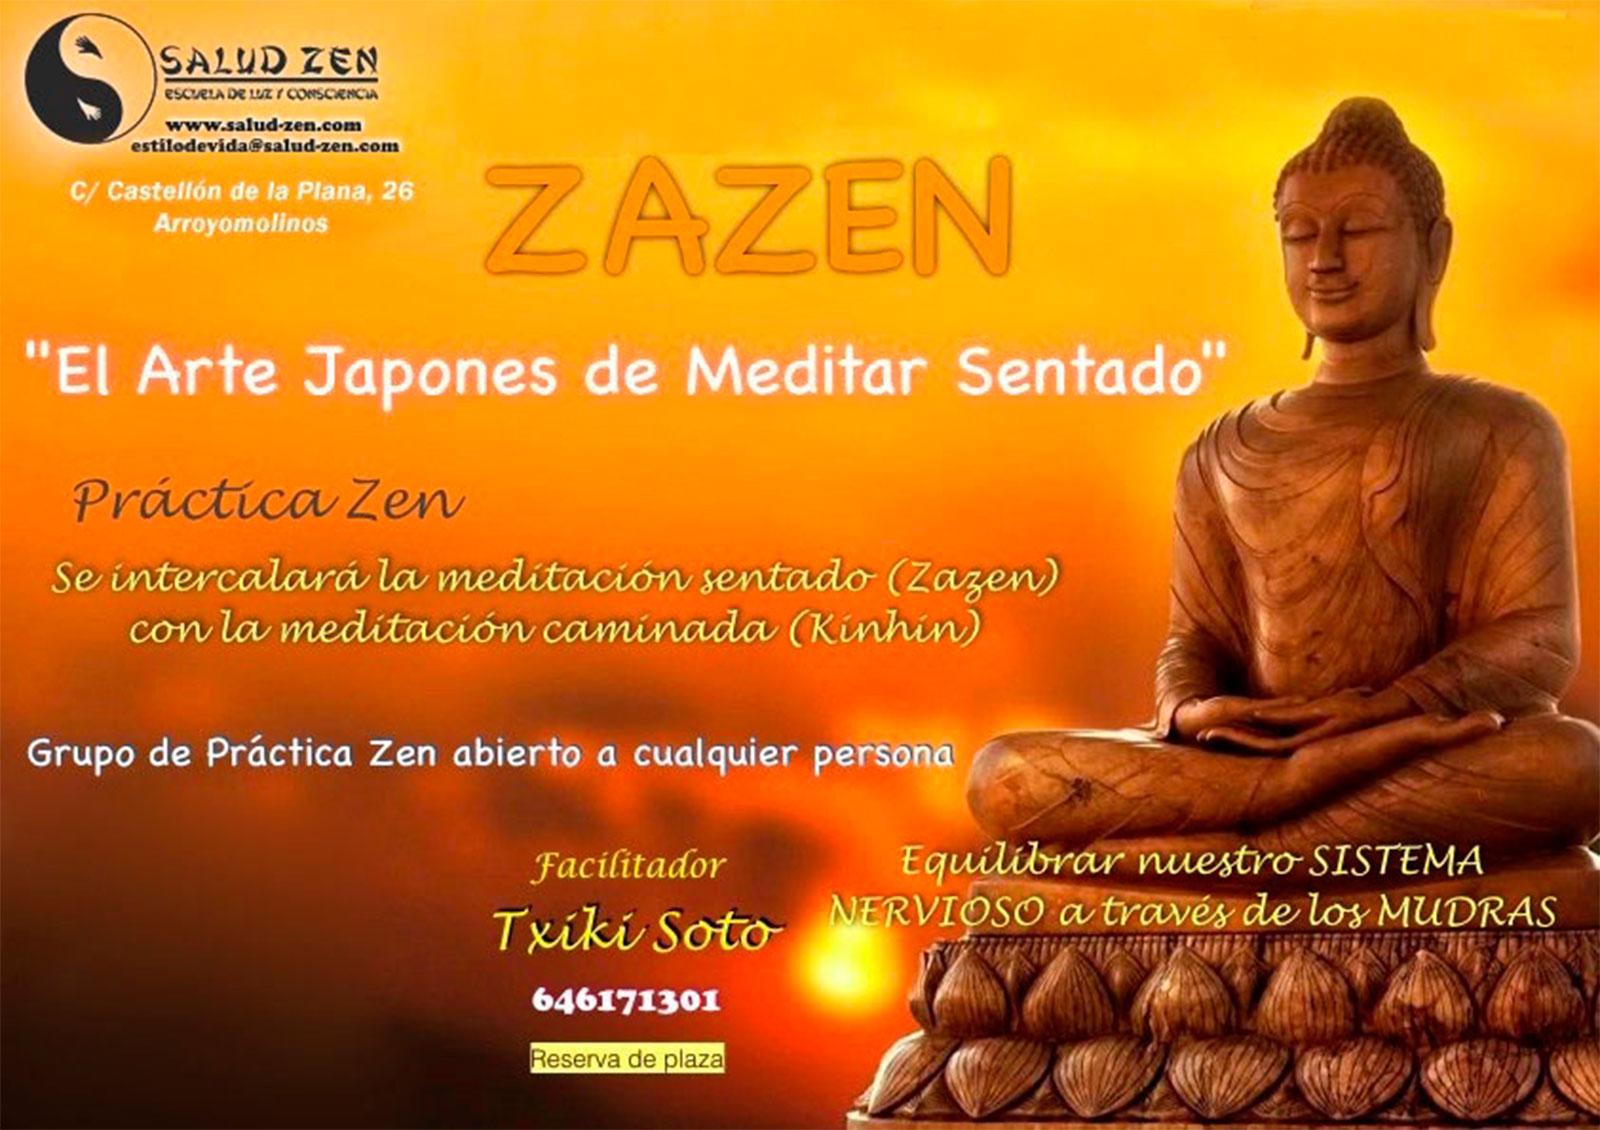 Zazen - El Arte Japonés de Meditar Sentado